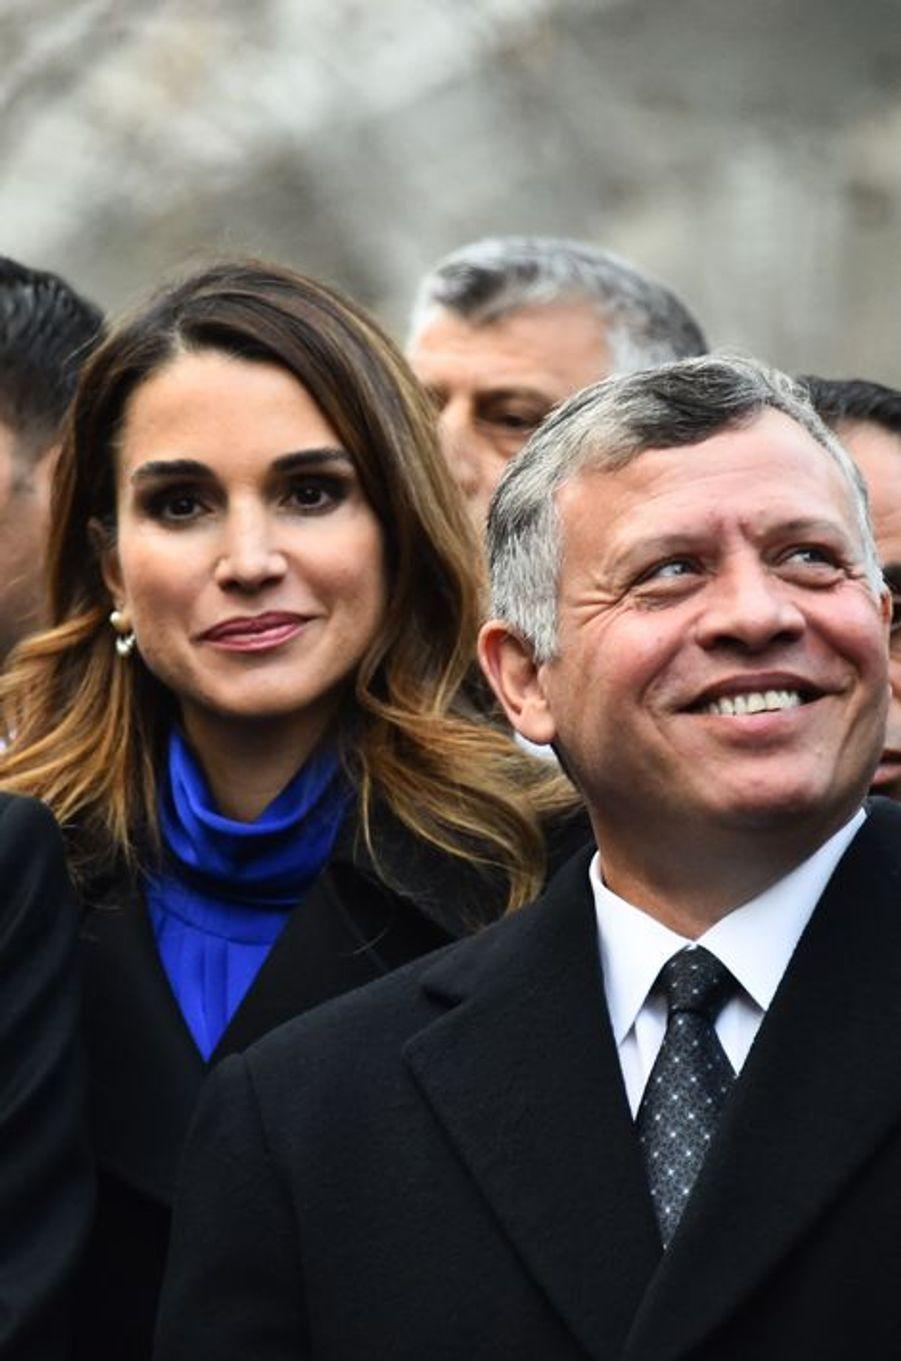 La reine Rania et le roi Abdallah II de Jordanie à Paris, le 11 janvier 2015